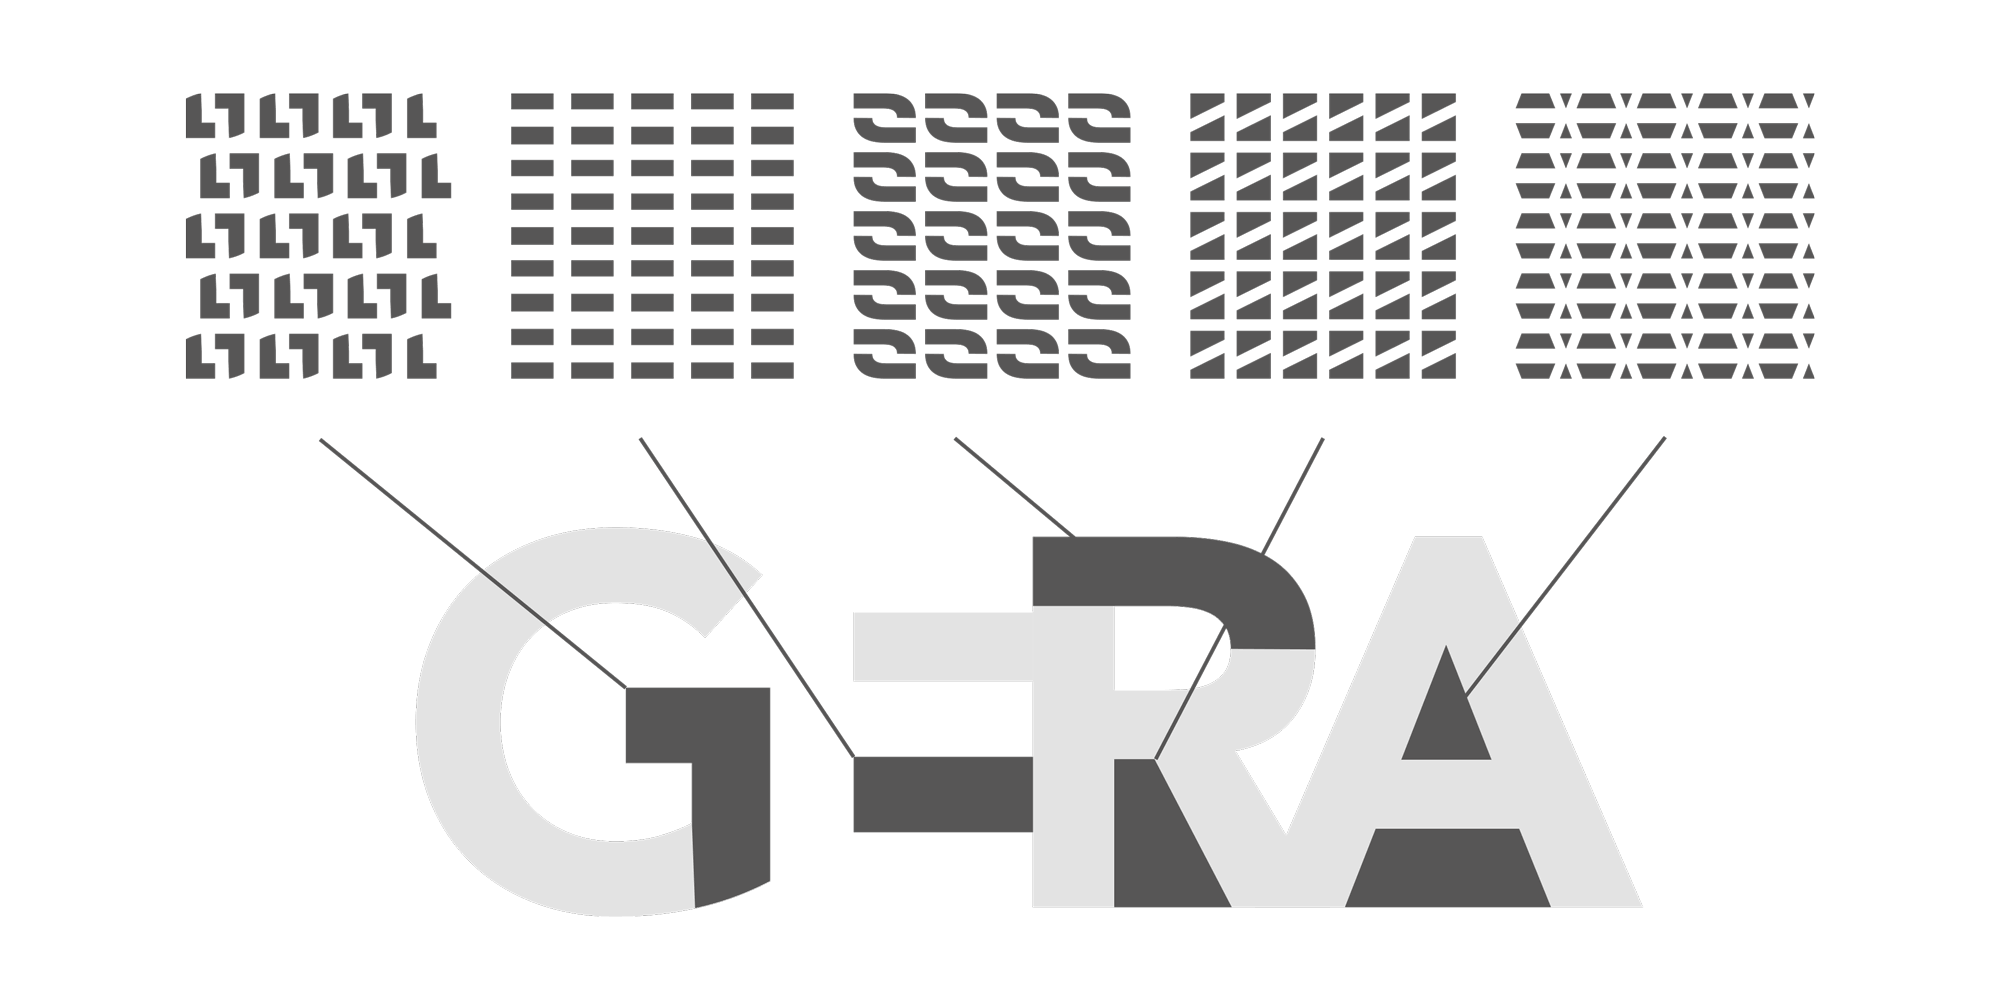 Aus Teilen der Buchstaben des neuen Logos entstehen fünf unterschiedliche Muster.